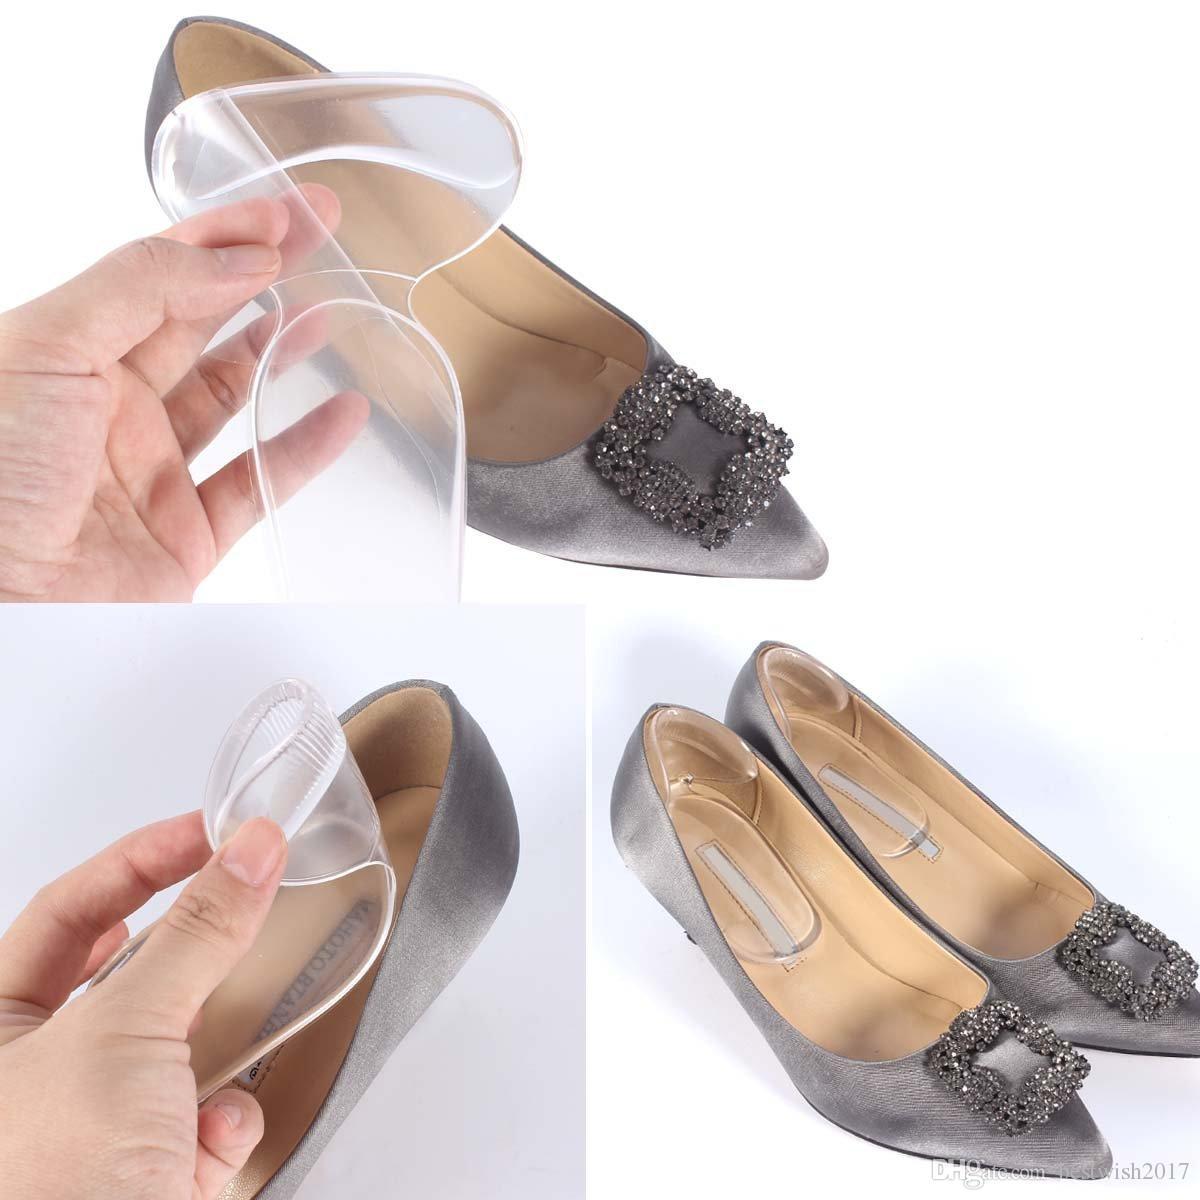 sports shoes 89c34 bc703 Pattini per scarpe - Impugnature sul tallone, Inserti per cuscinetti sul  tallone, Migliora scarpe, Rivestimenti per talloni in gel, Snugs per le  donne ...